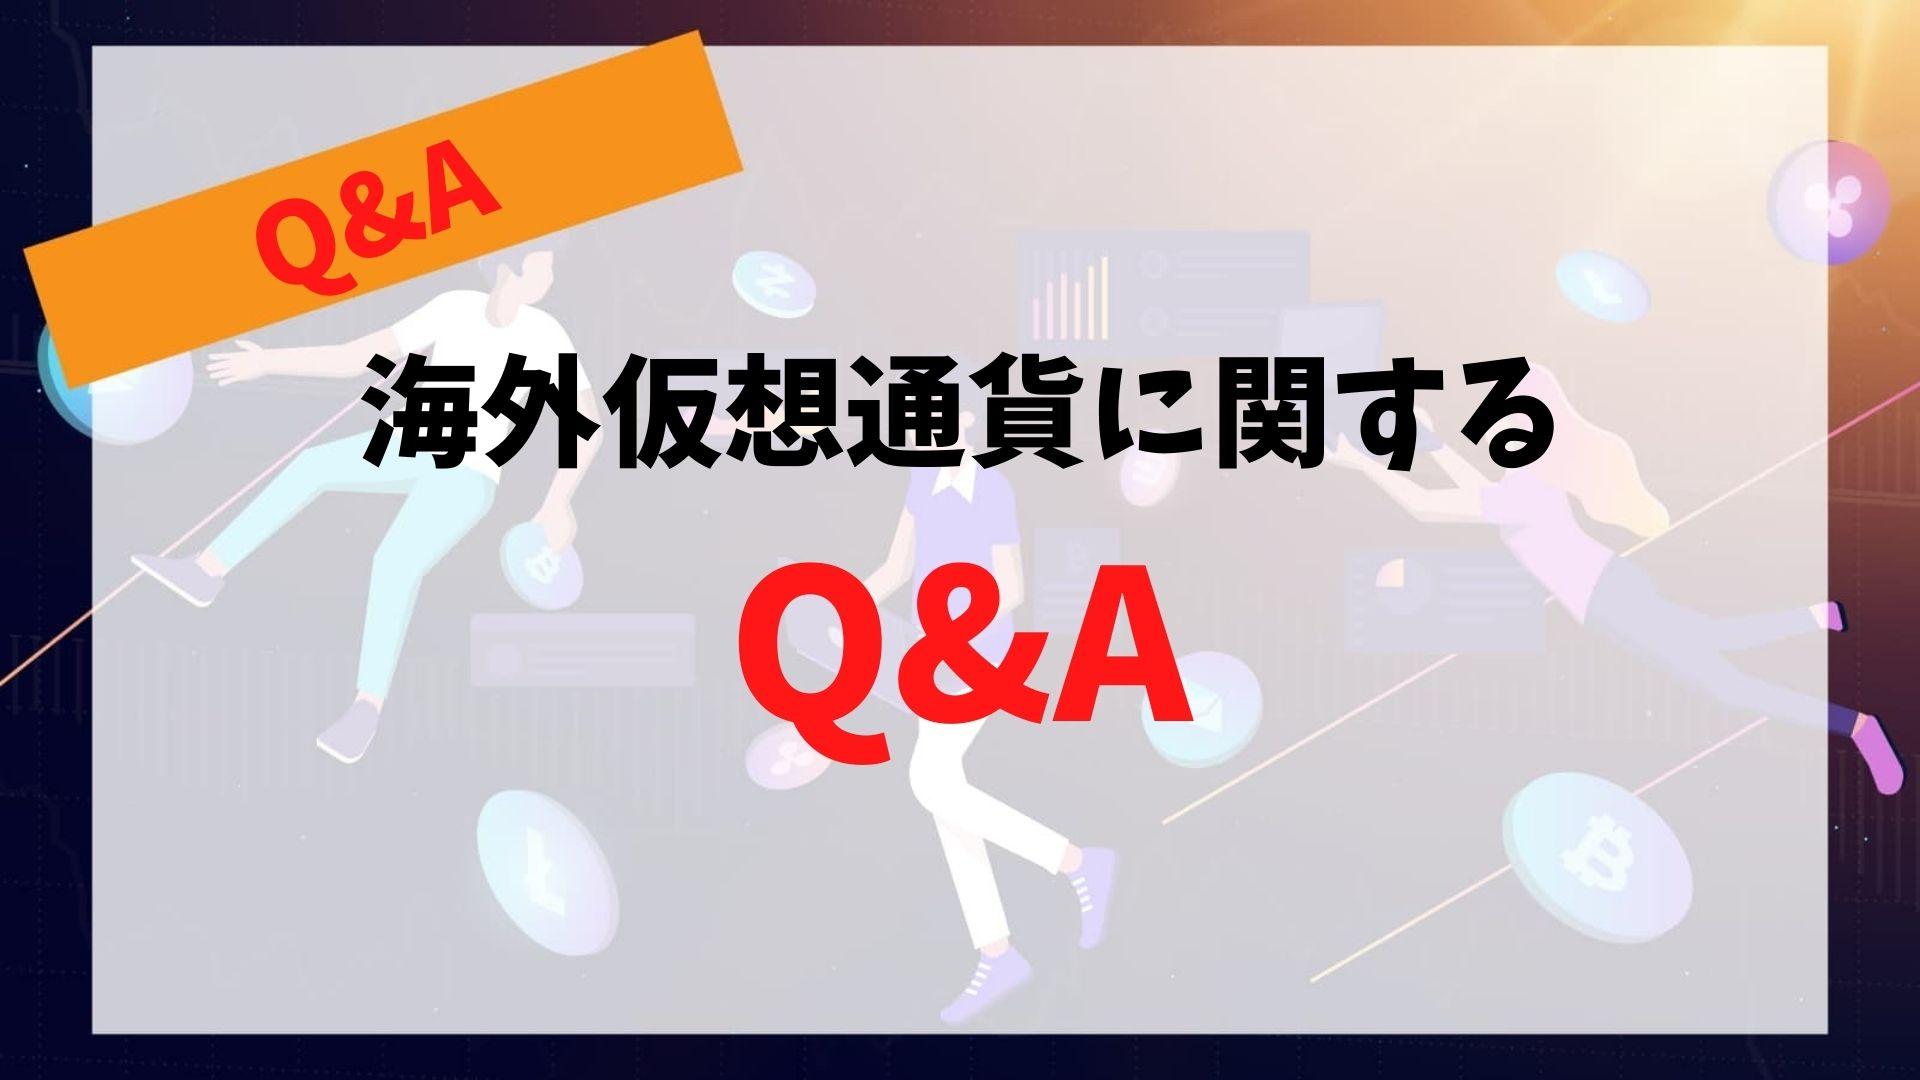 海外仮想通貨に関するQ&A